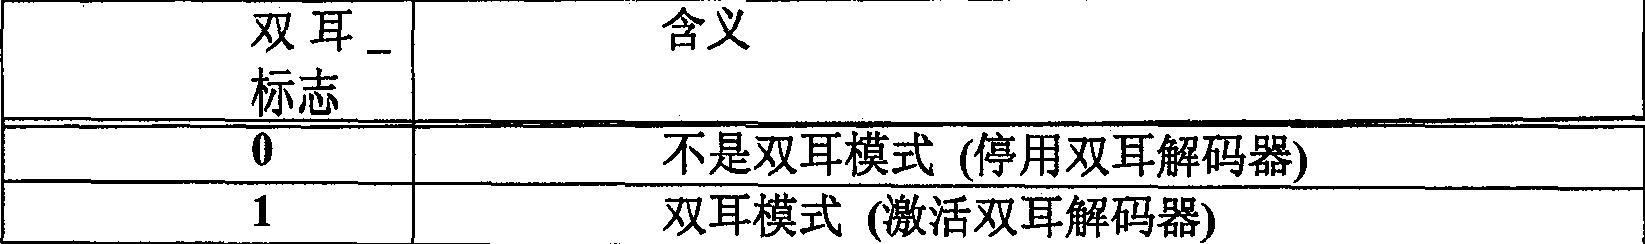 Figure CN101553867BD00123